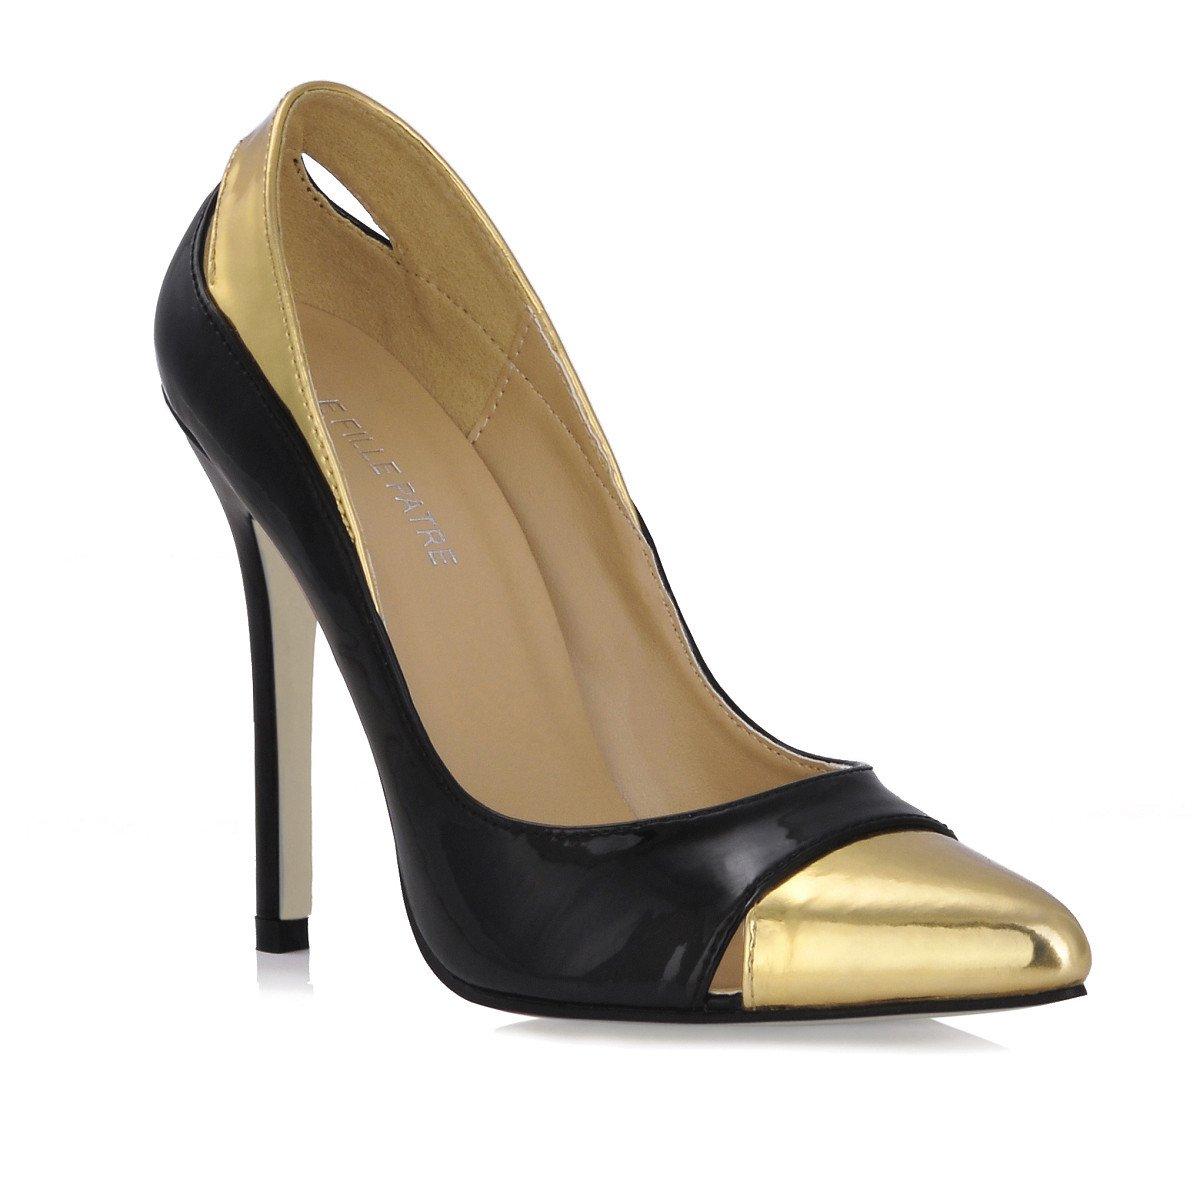 Frauen Schuhe Geschmack neues Licht Hafen große high-heel Schuhe schwarz Gold lackiert Leder OL Schuh hingewiesen